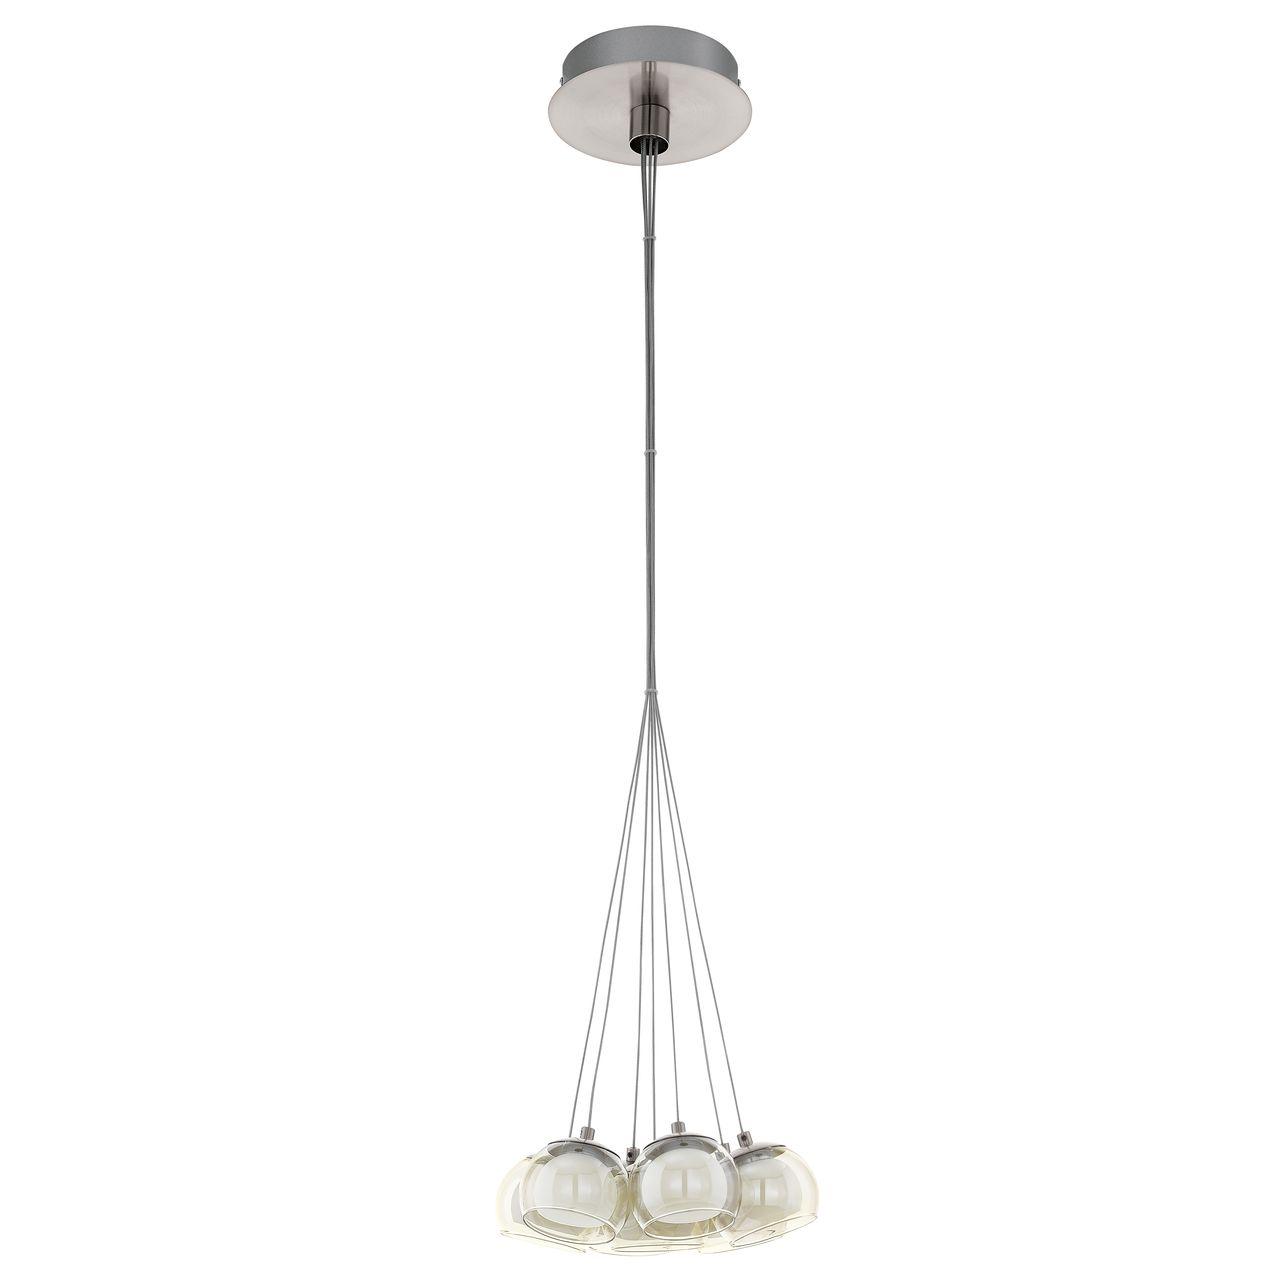 цена на Подвесной светильник Eglo, LED, 23.1 Вт